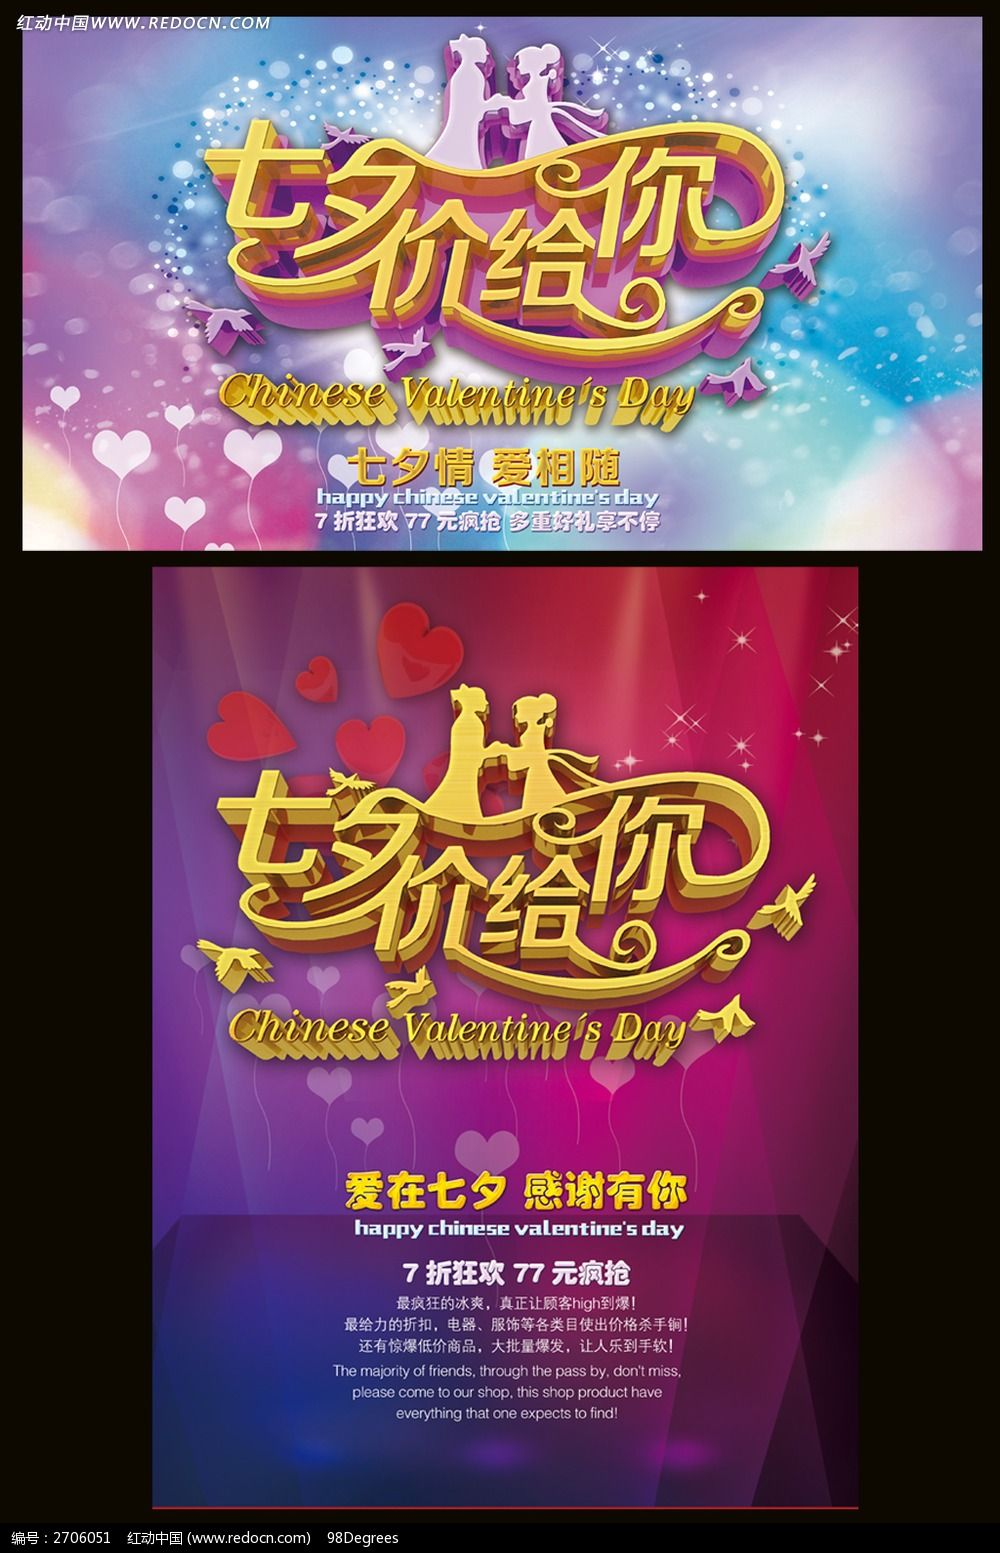 七夕节商场促销海报图片